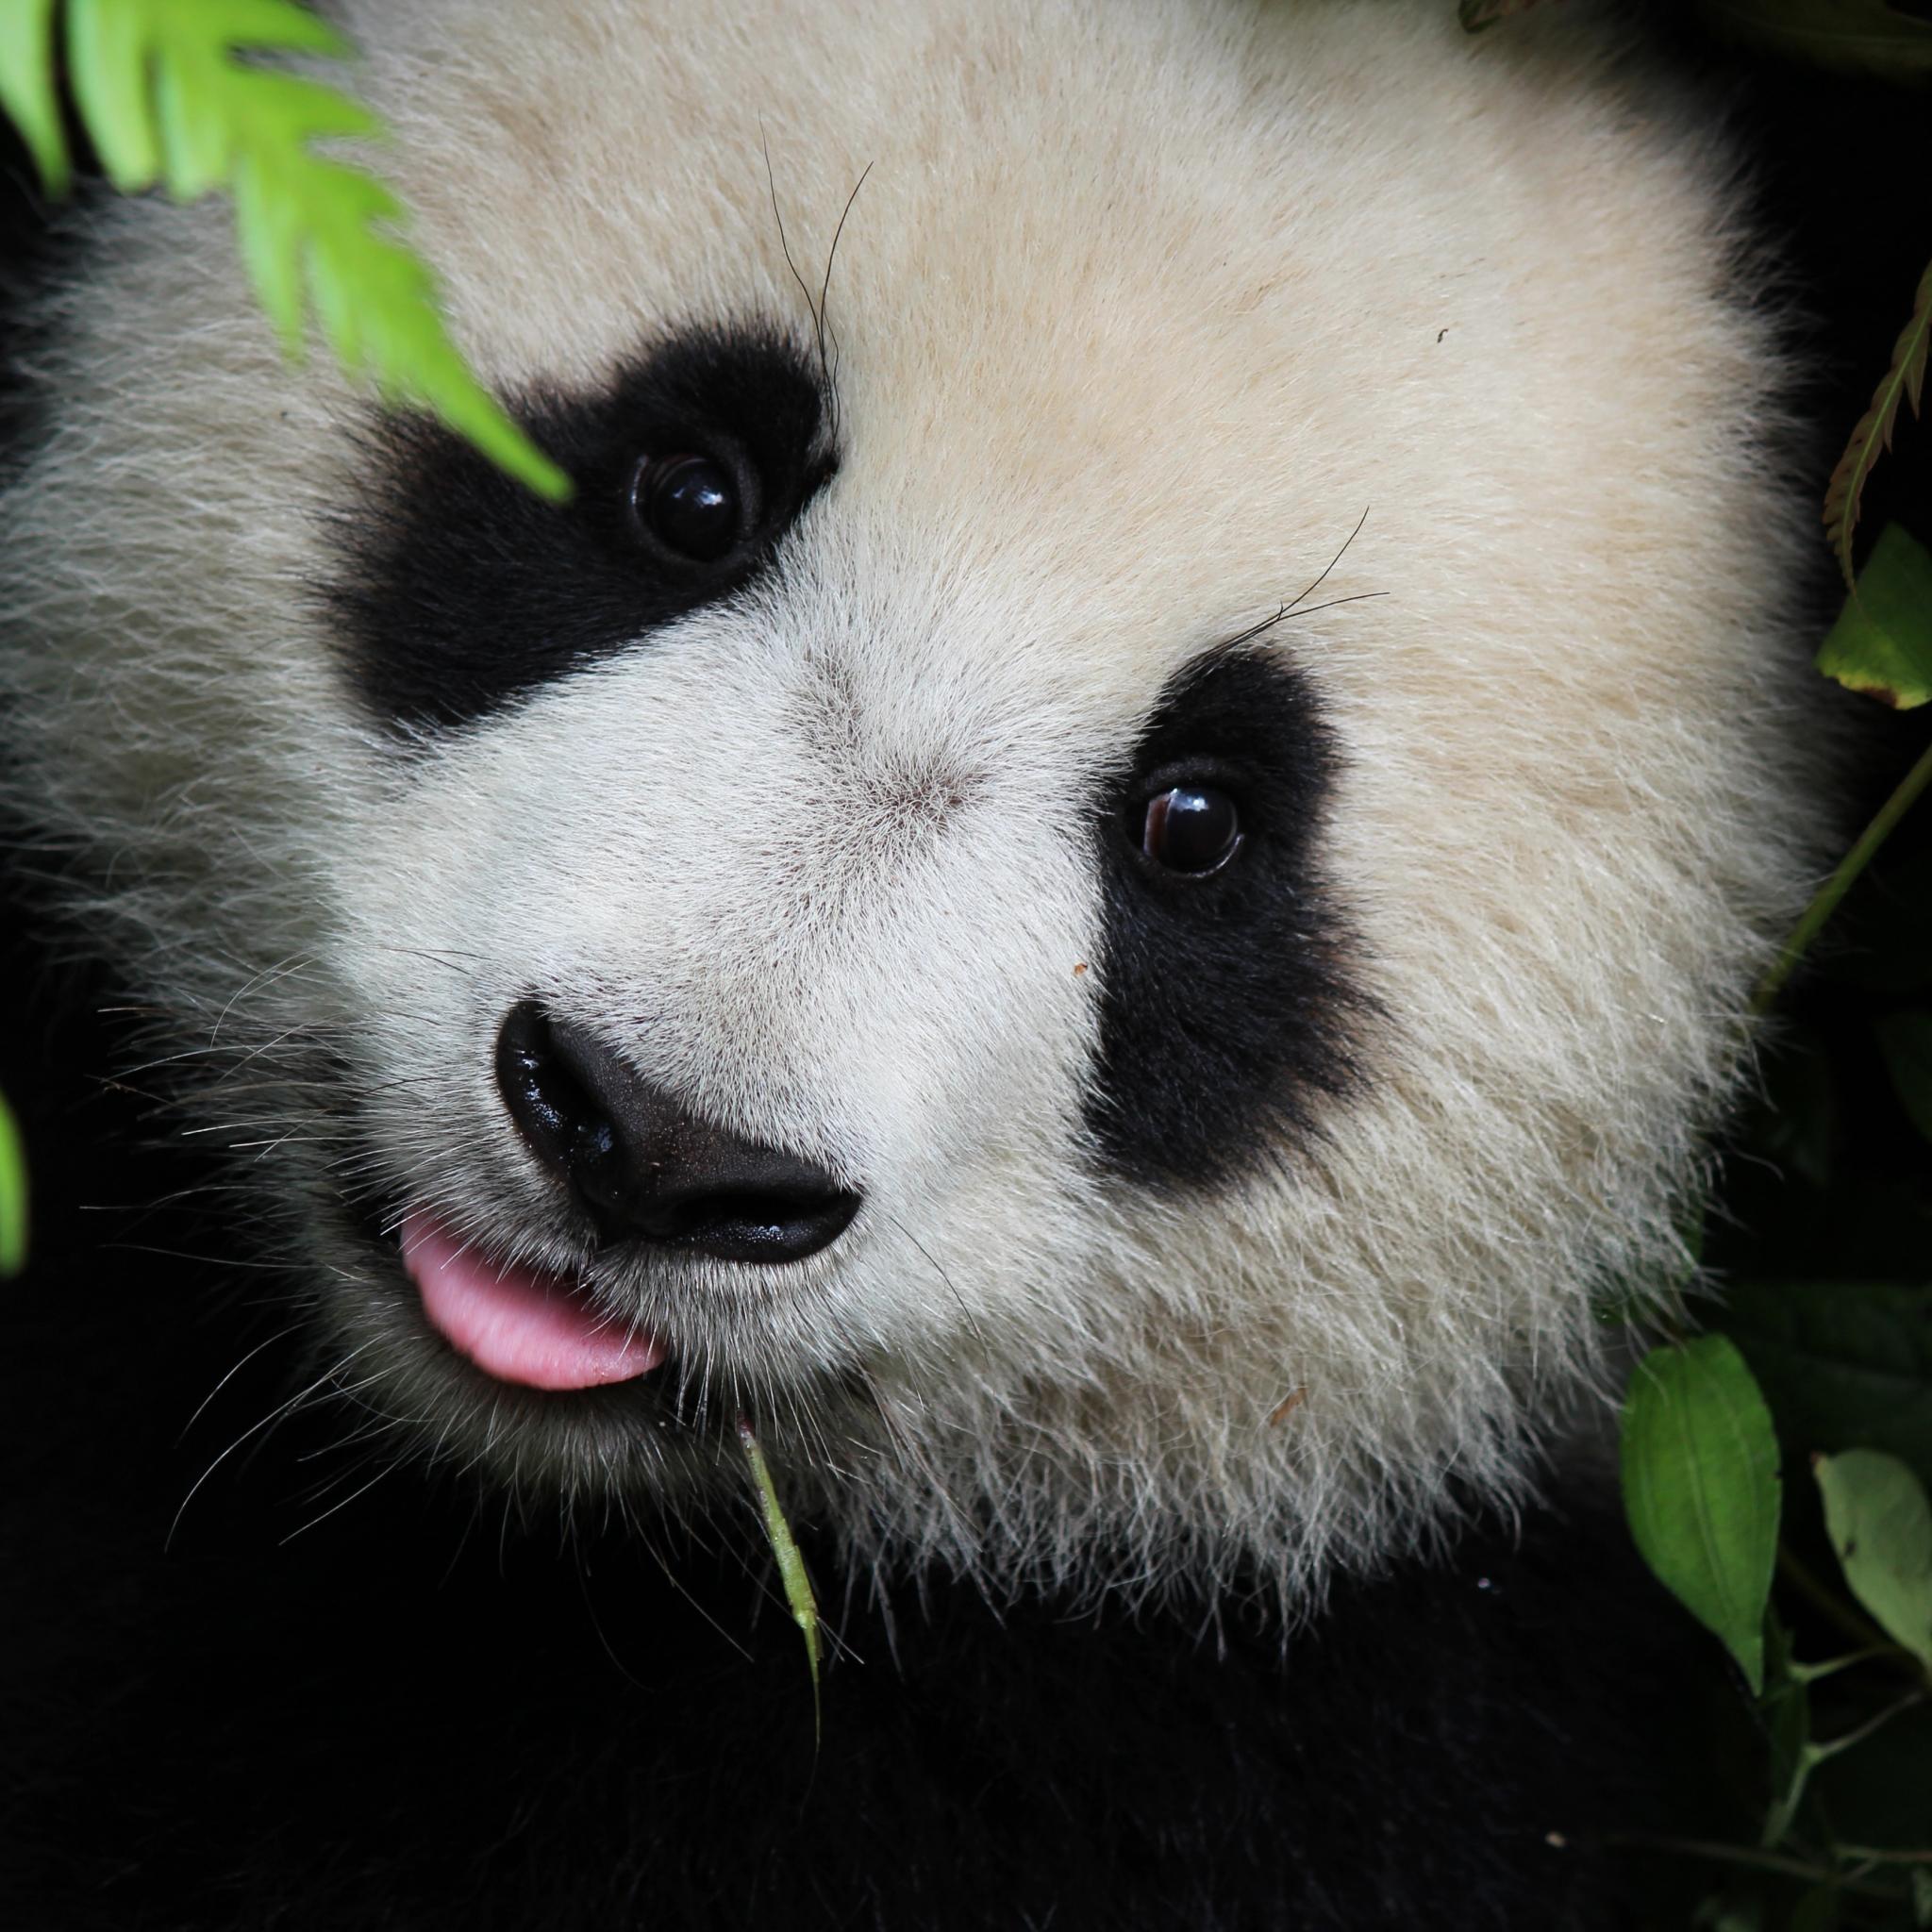 大熊猫 可爱 卖萌 竹子